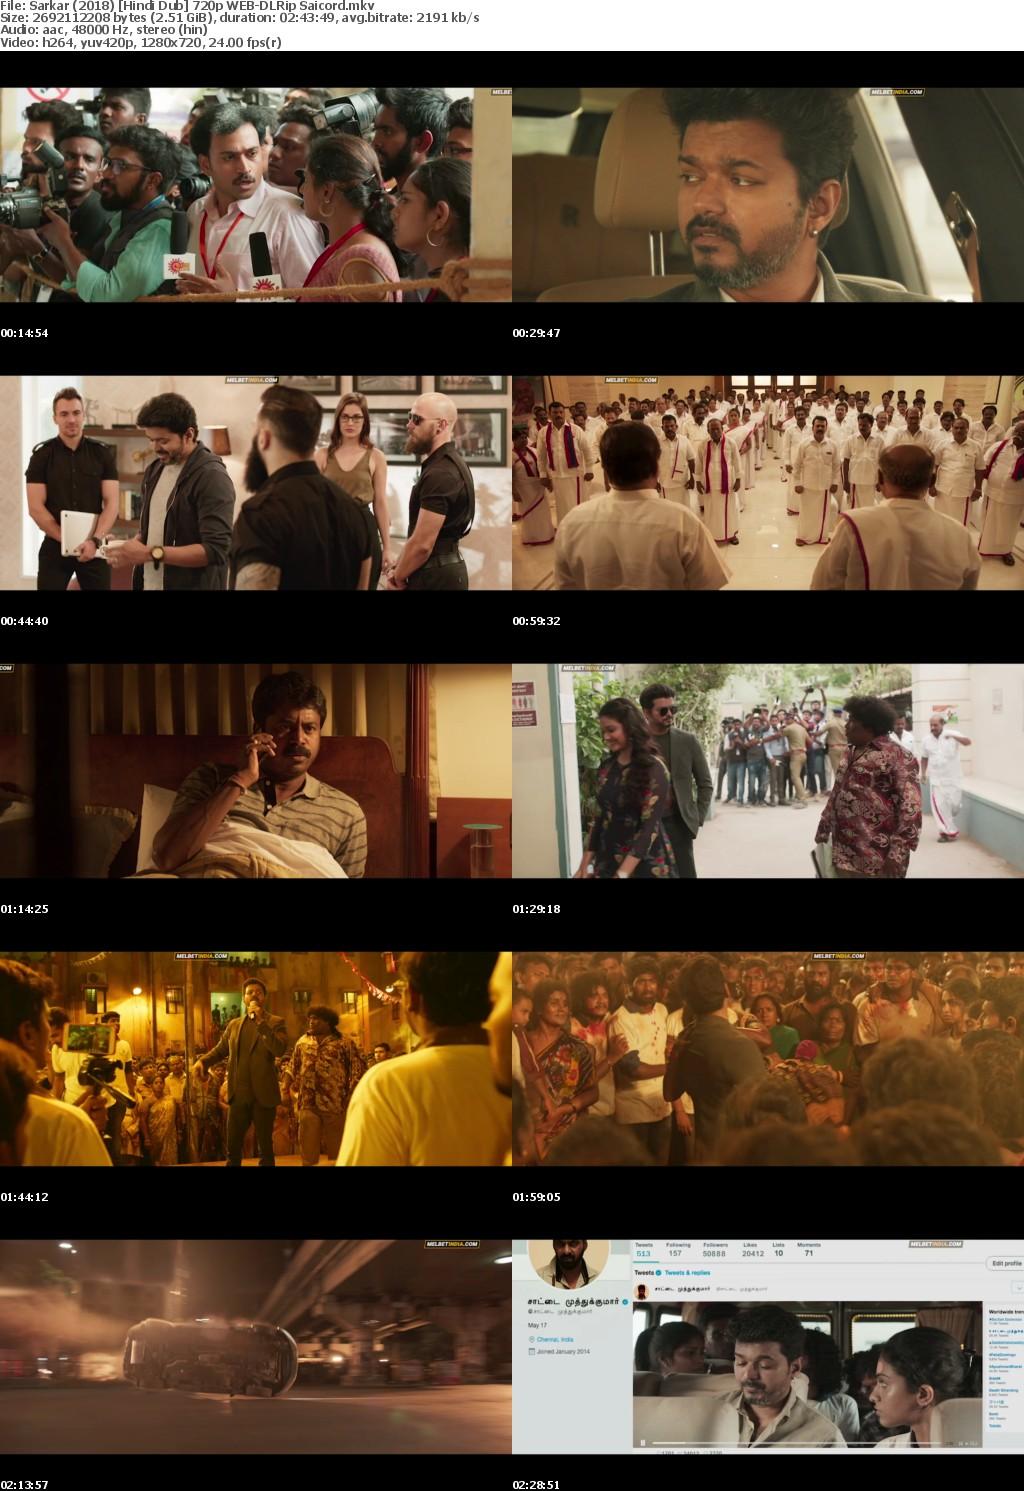 Sarkar (2018) Hindi Dub 720p WEB-DLRip Saicord